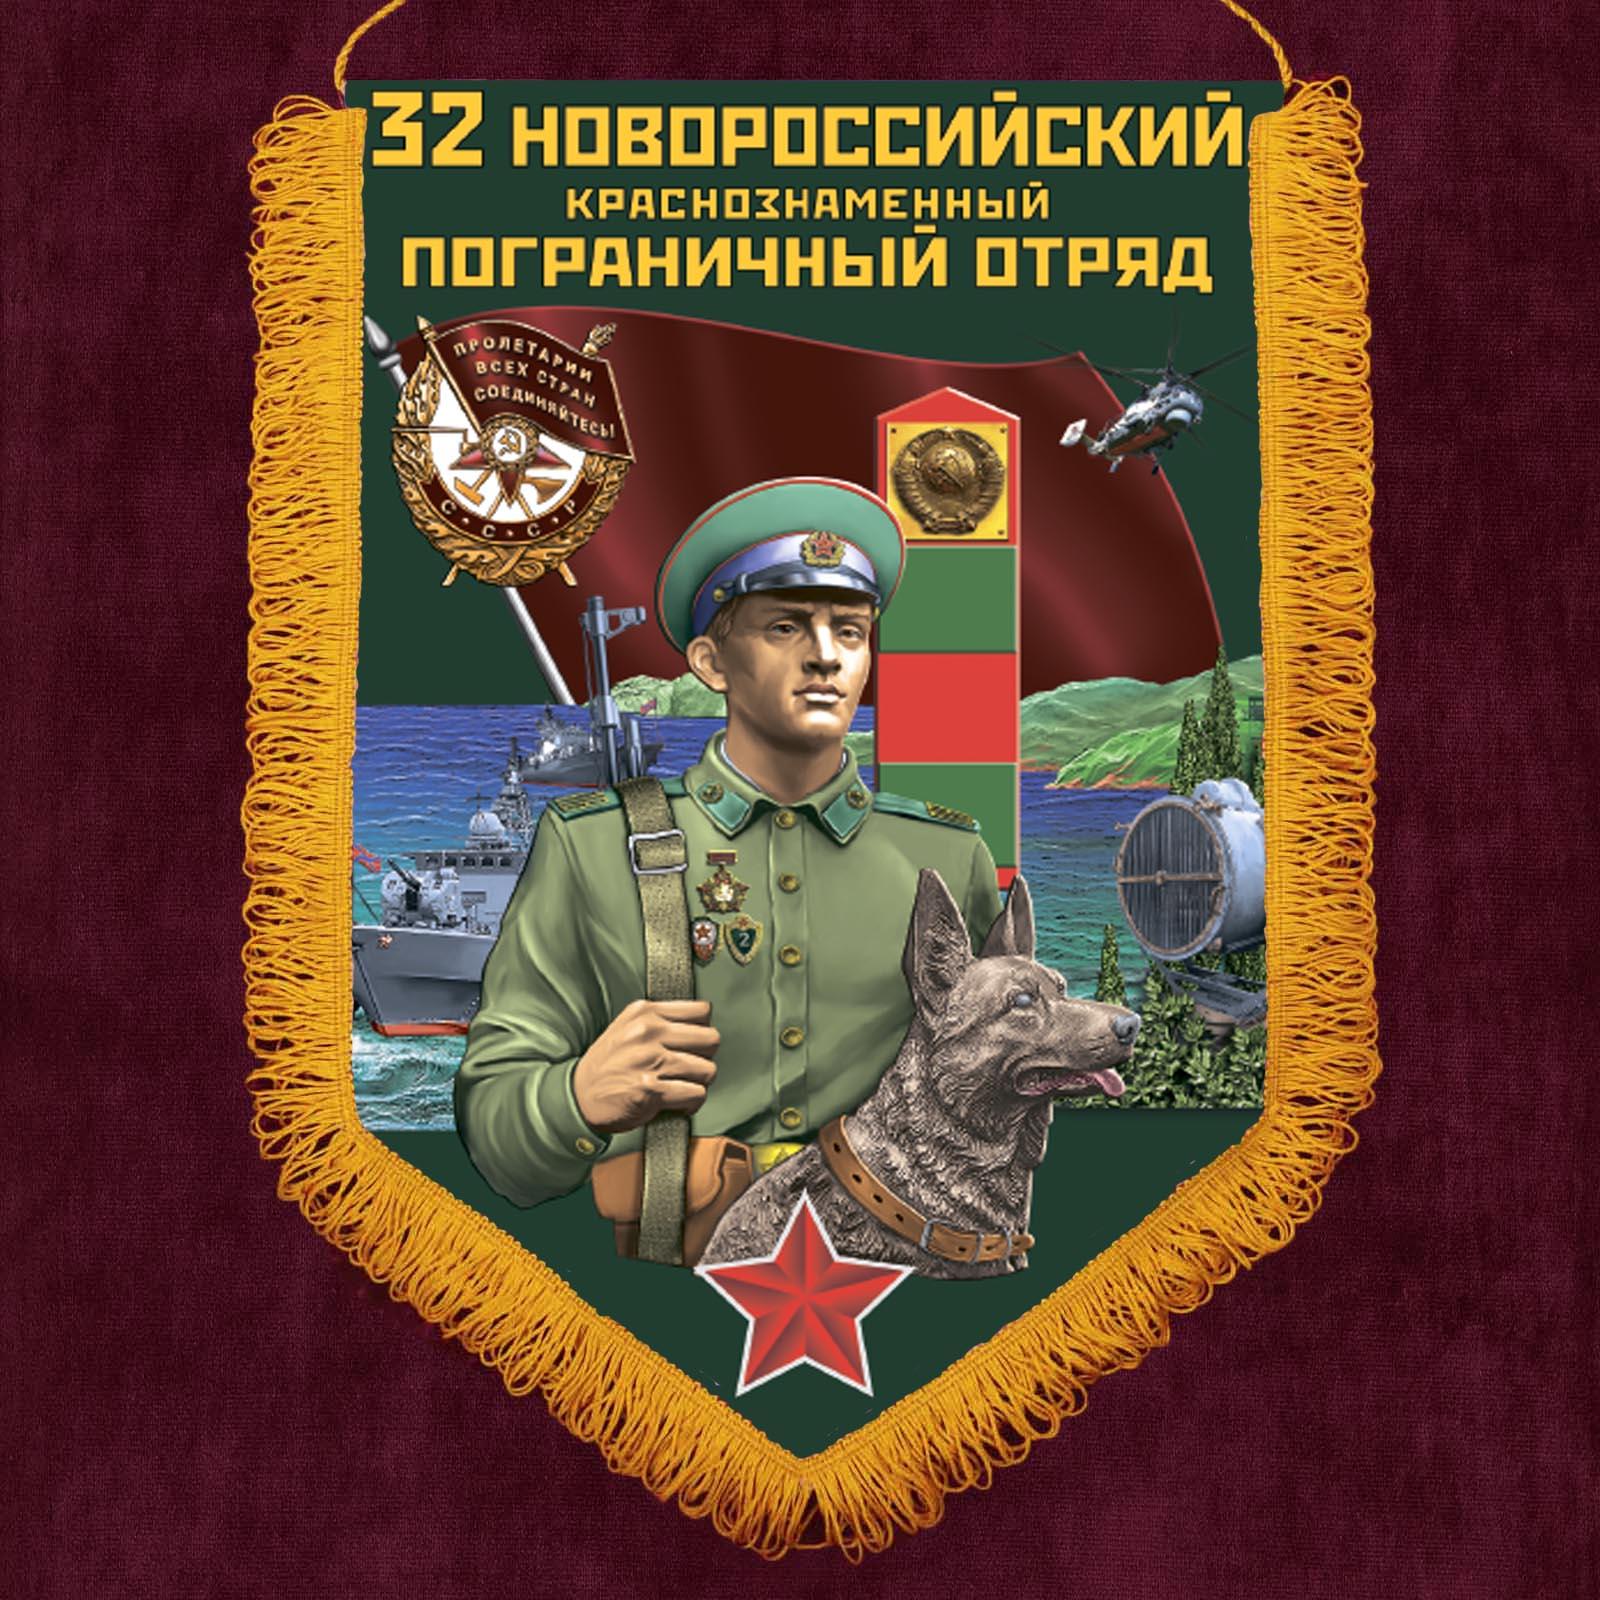 Пограничный вымпел Новороссийского ПогО в подарок пограничнику